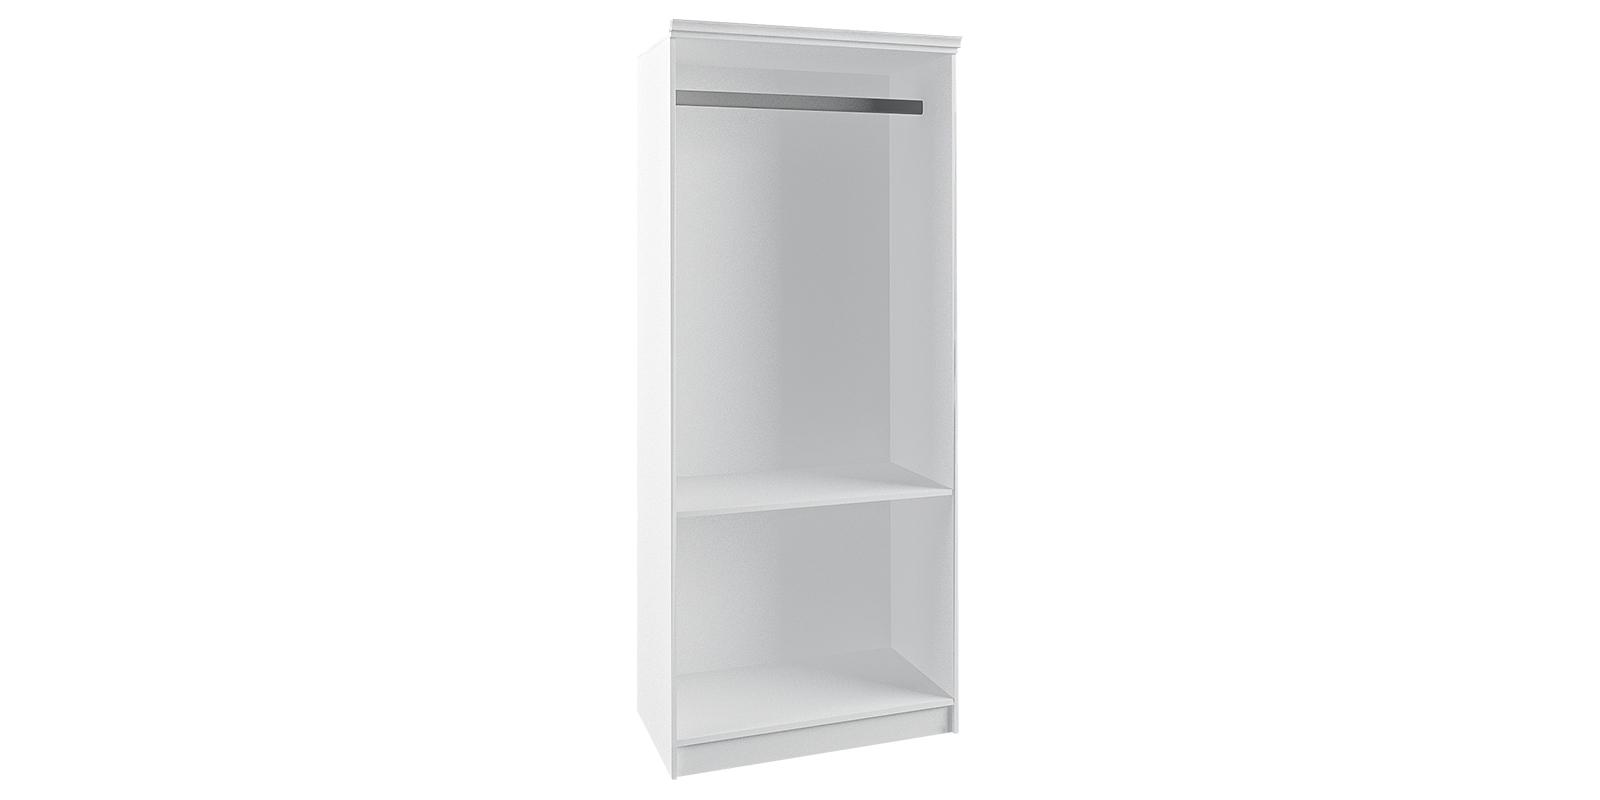 Шкаф распашной двухдверный Диамант вариант №3 (белый)